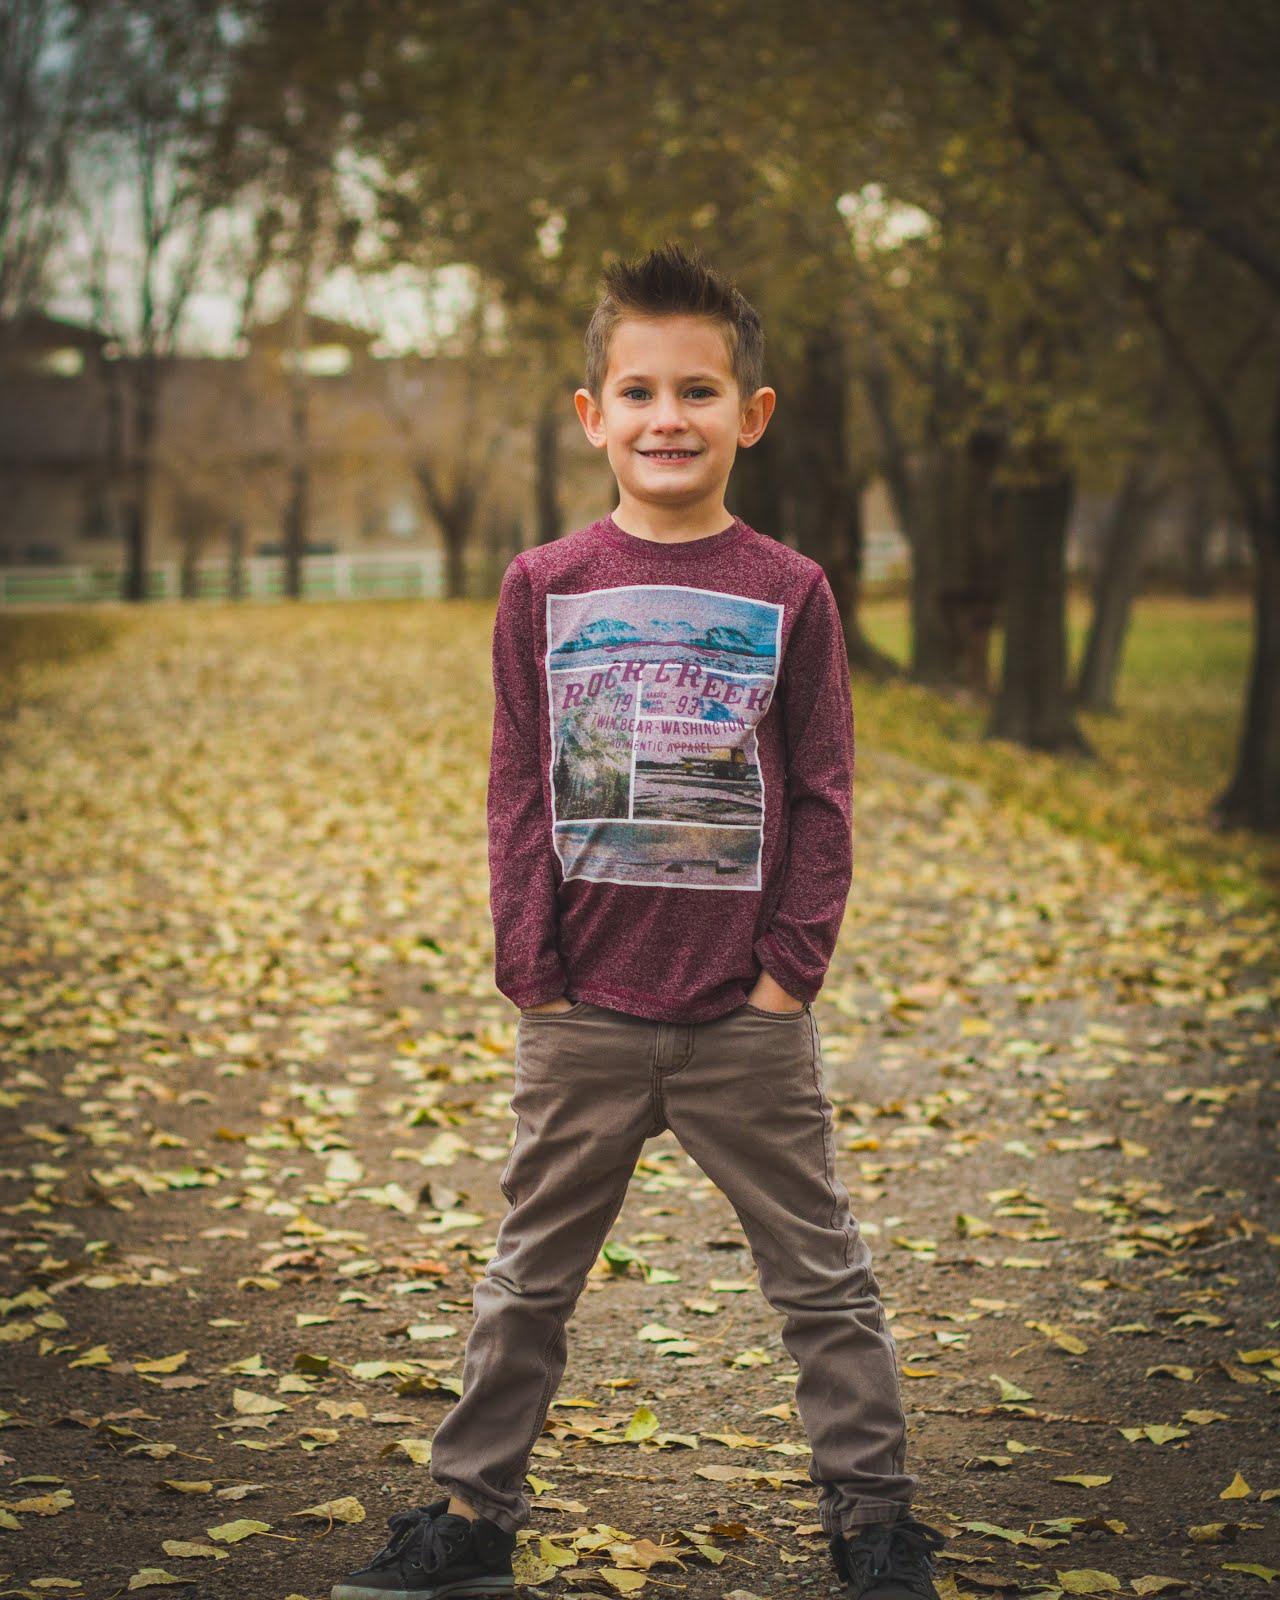 Mason Andrew